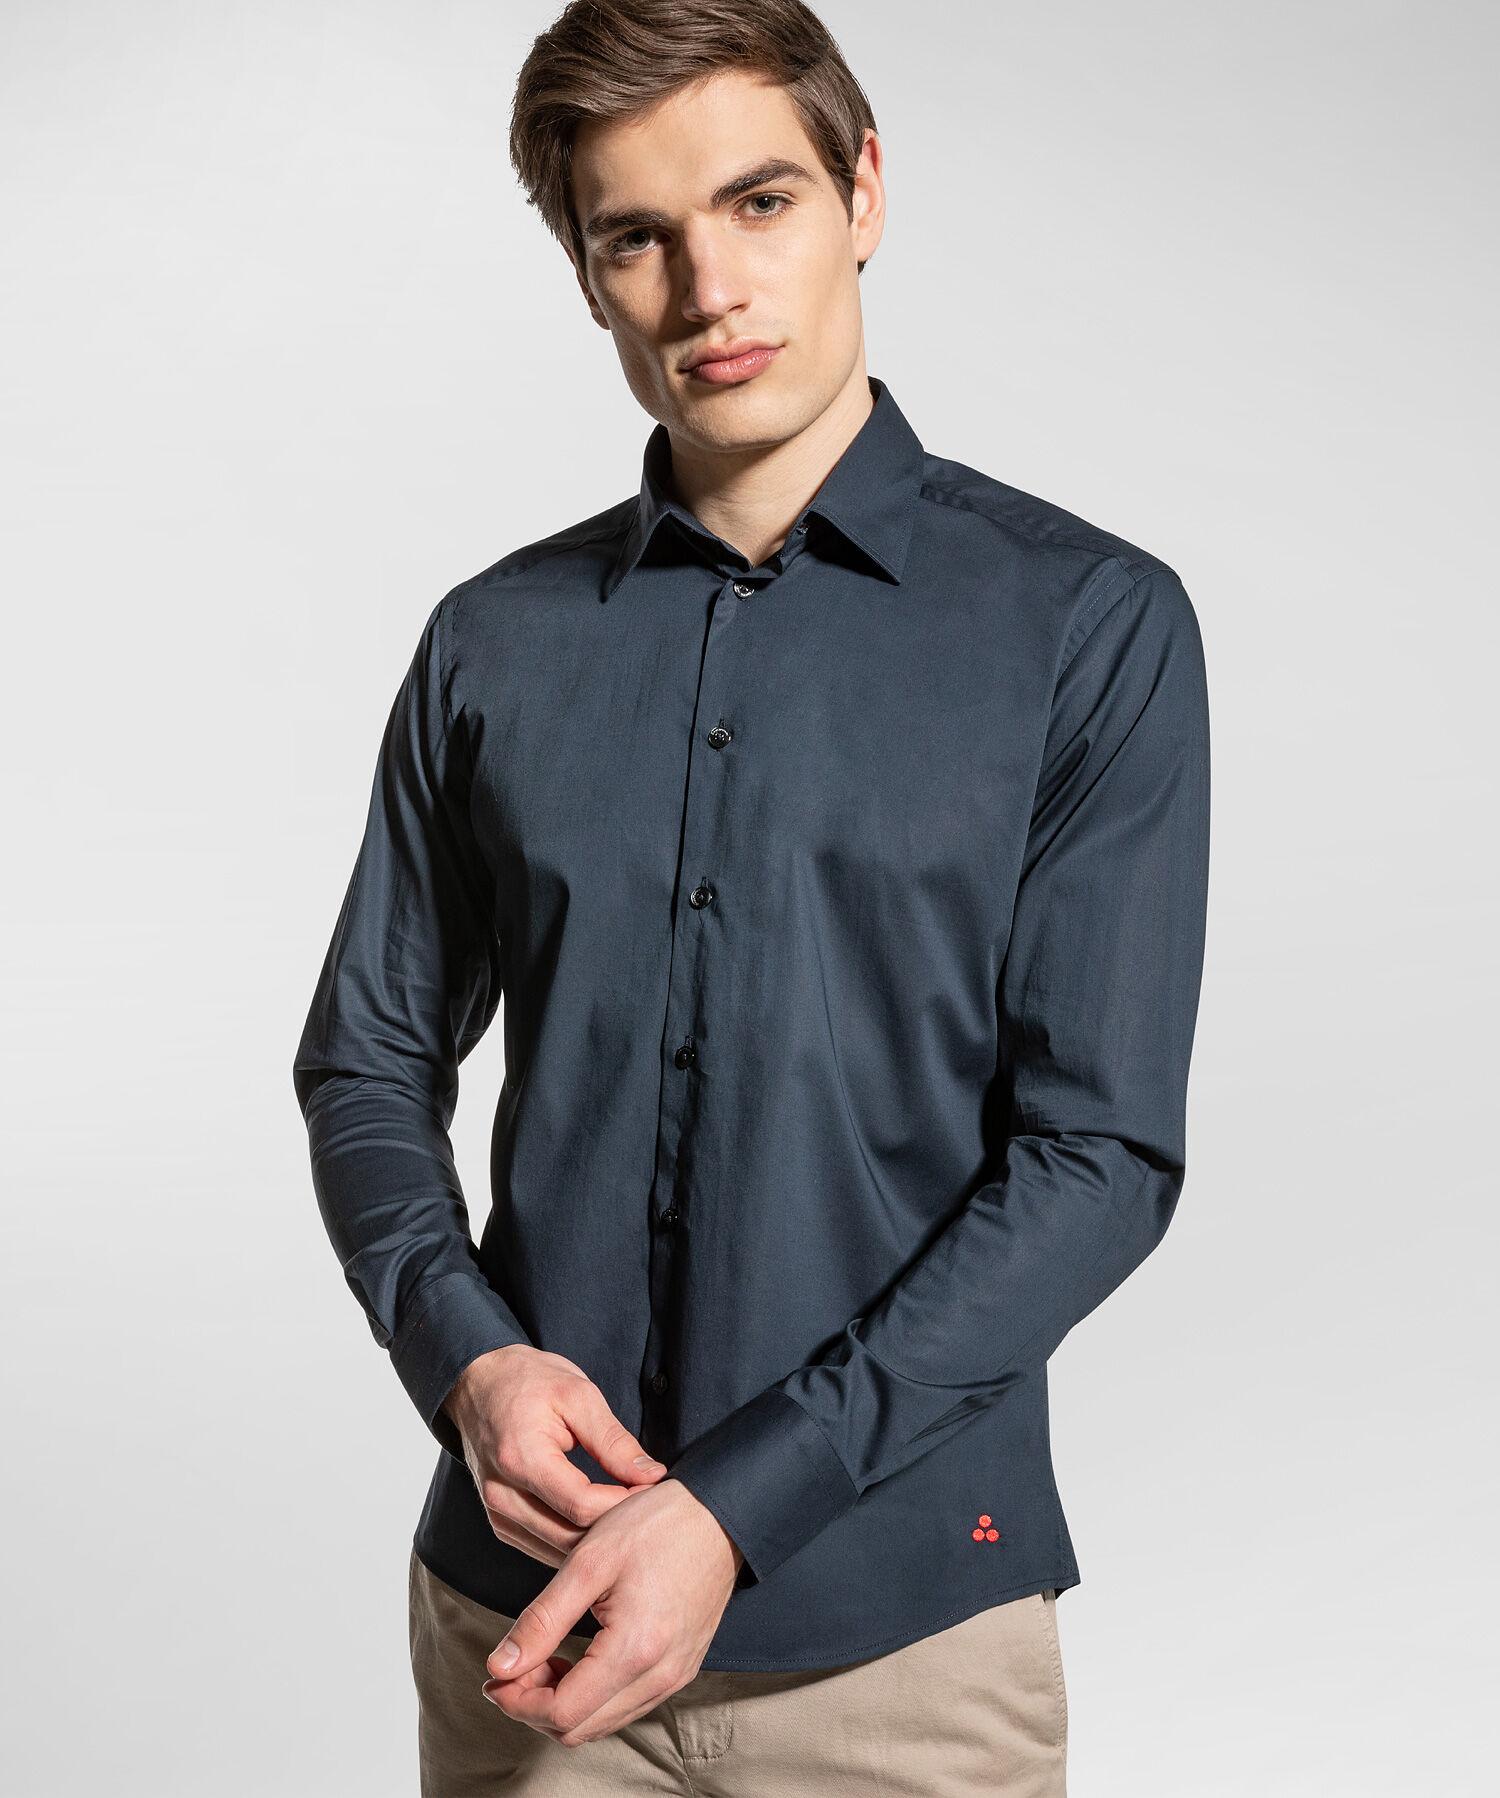 Camicia di cotone stretch - Peuterey